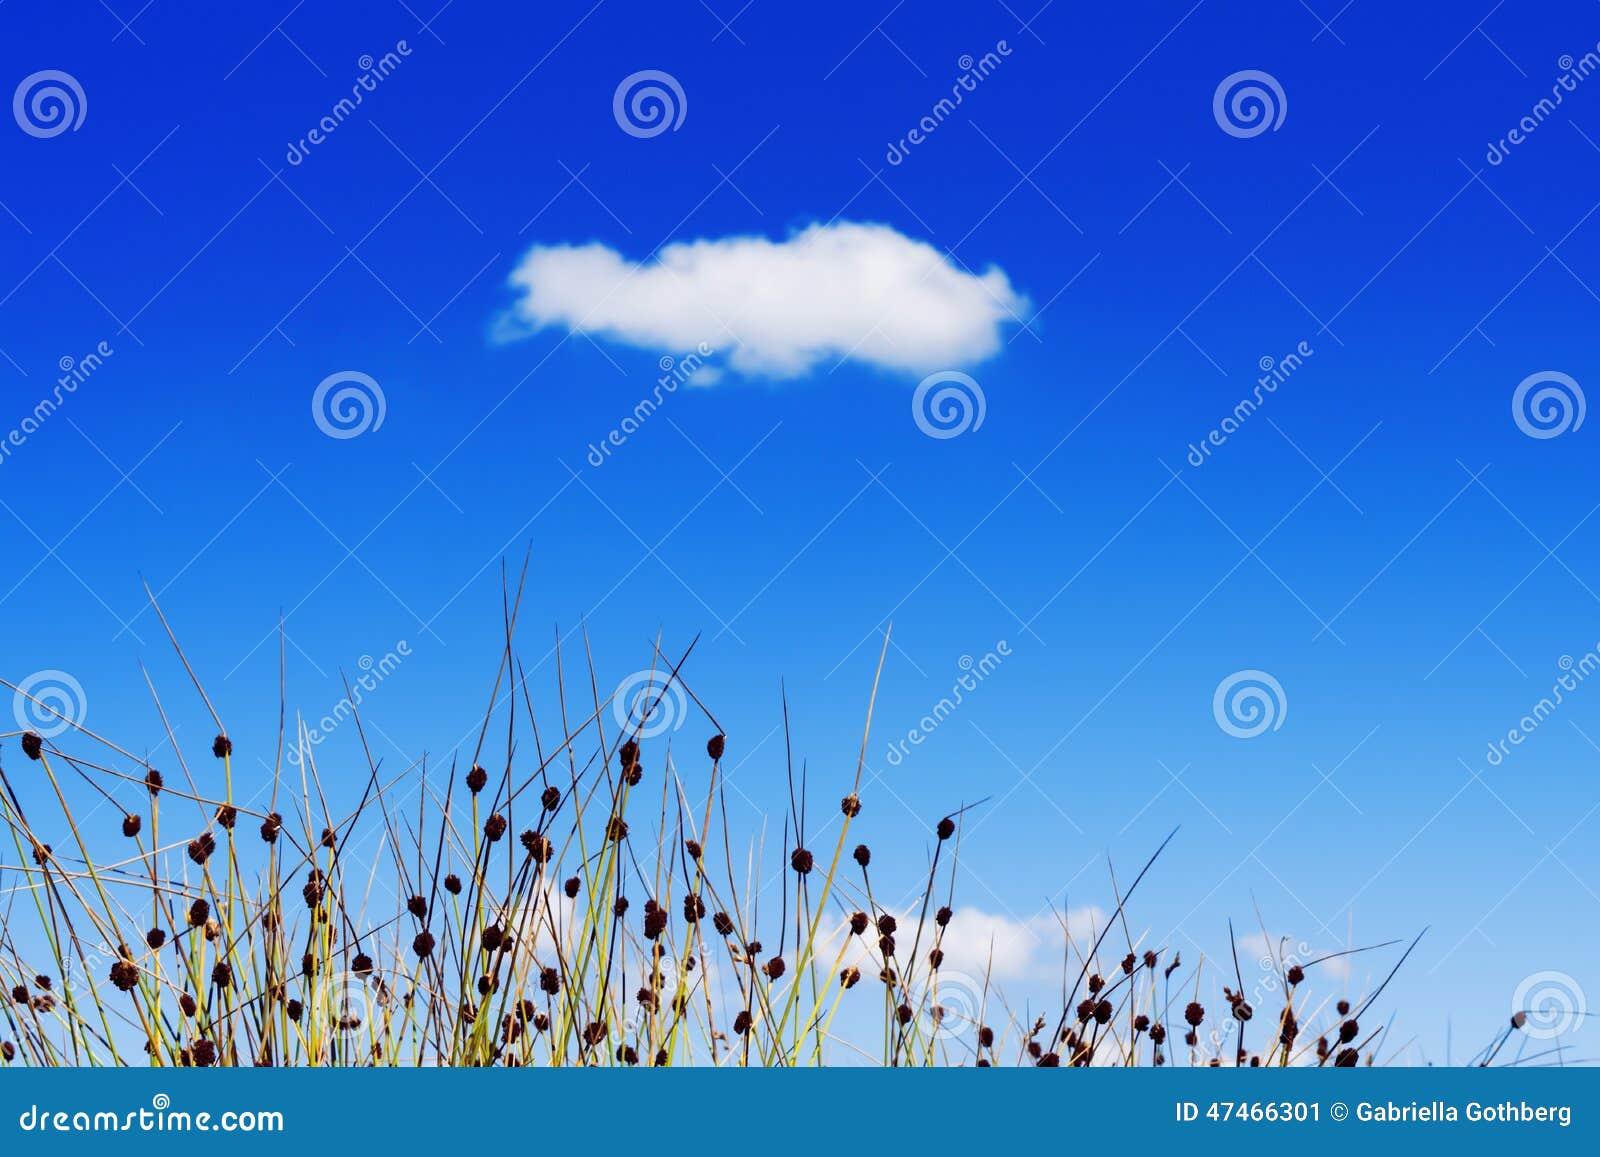 Grass against blue summer sky